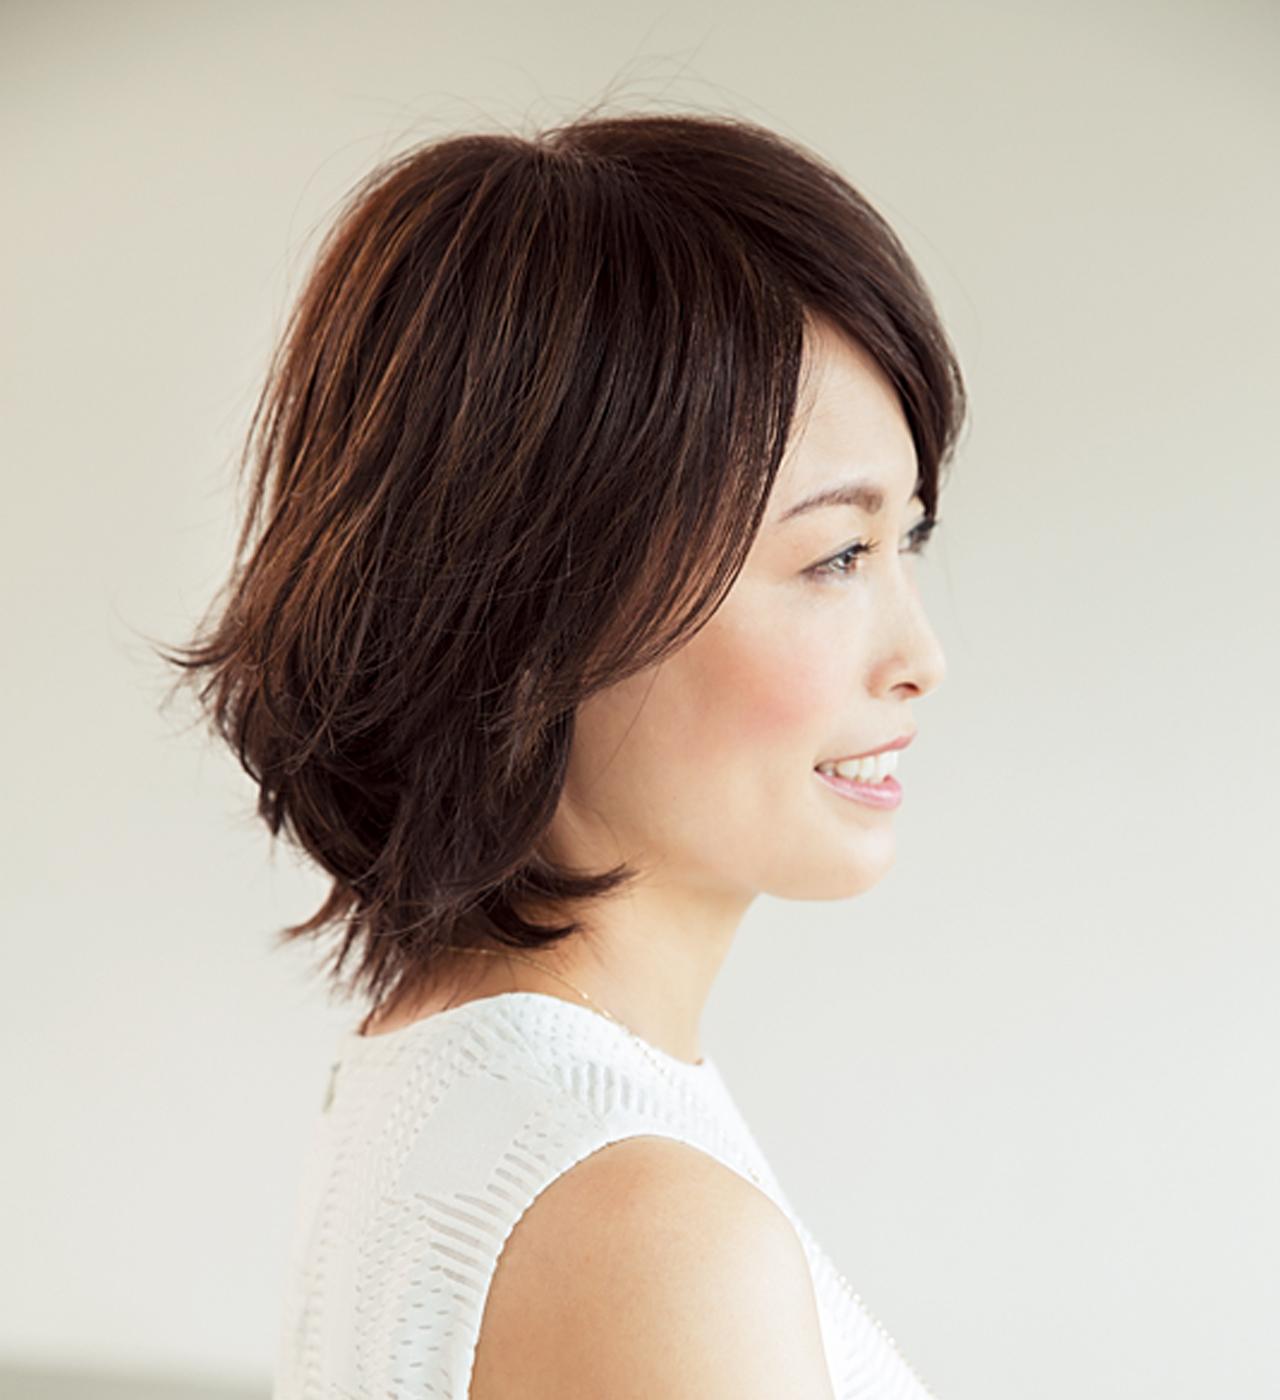 トレンドの「外ハネ」は 短めヘアが取り入れやすい【40代のボブヘア】_1_2